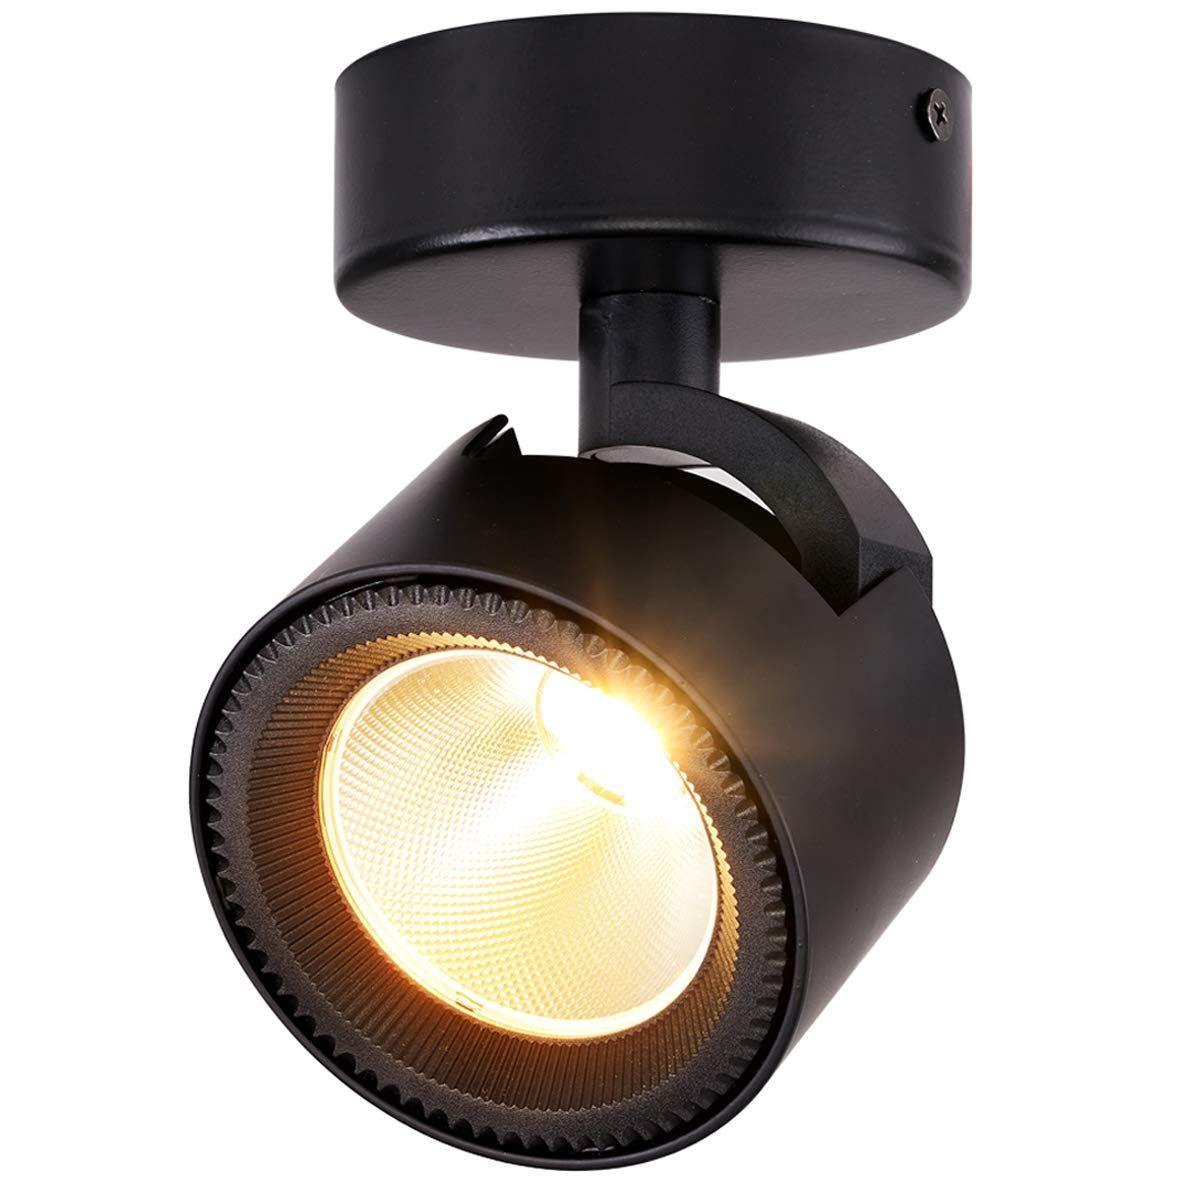 Faretti E Spot Da Soffitto lanbos 10w led spot light faretti da soffitto,faretto